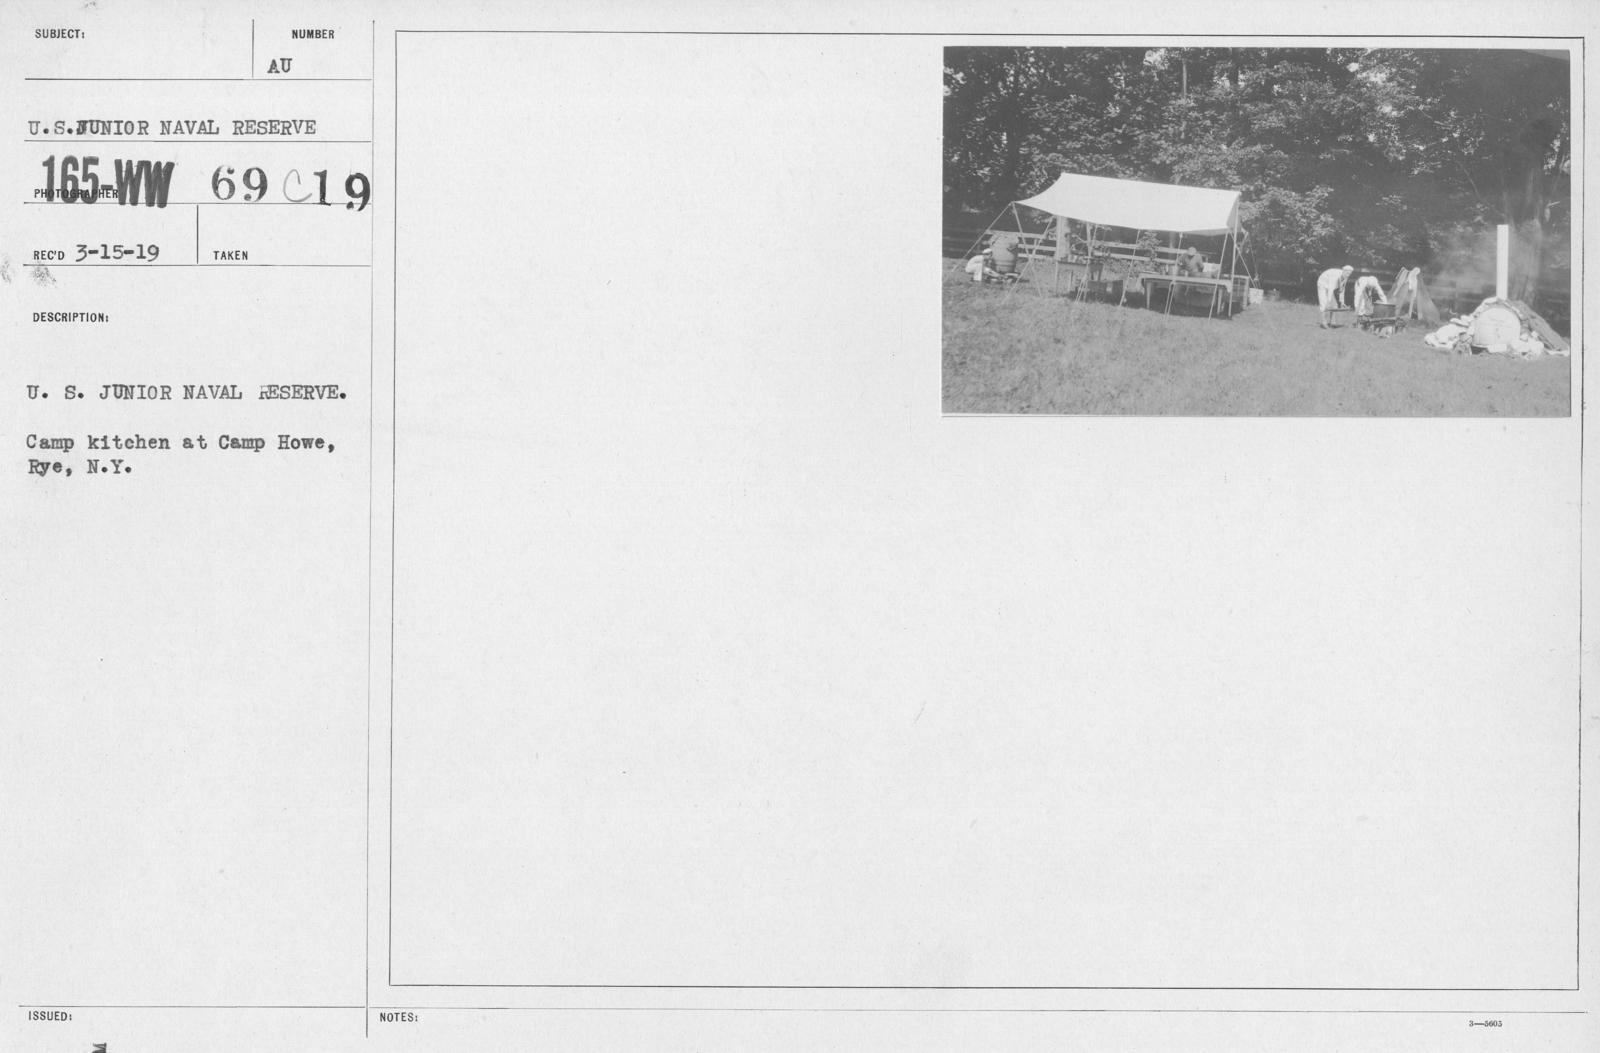 Boy's Activities - Junior Naval Reserve - Other Camps - U.S. Junior Naval Reserve. Camp Kitchen at Camp Howe, Rye, N.Y